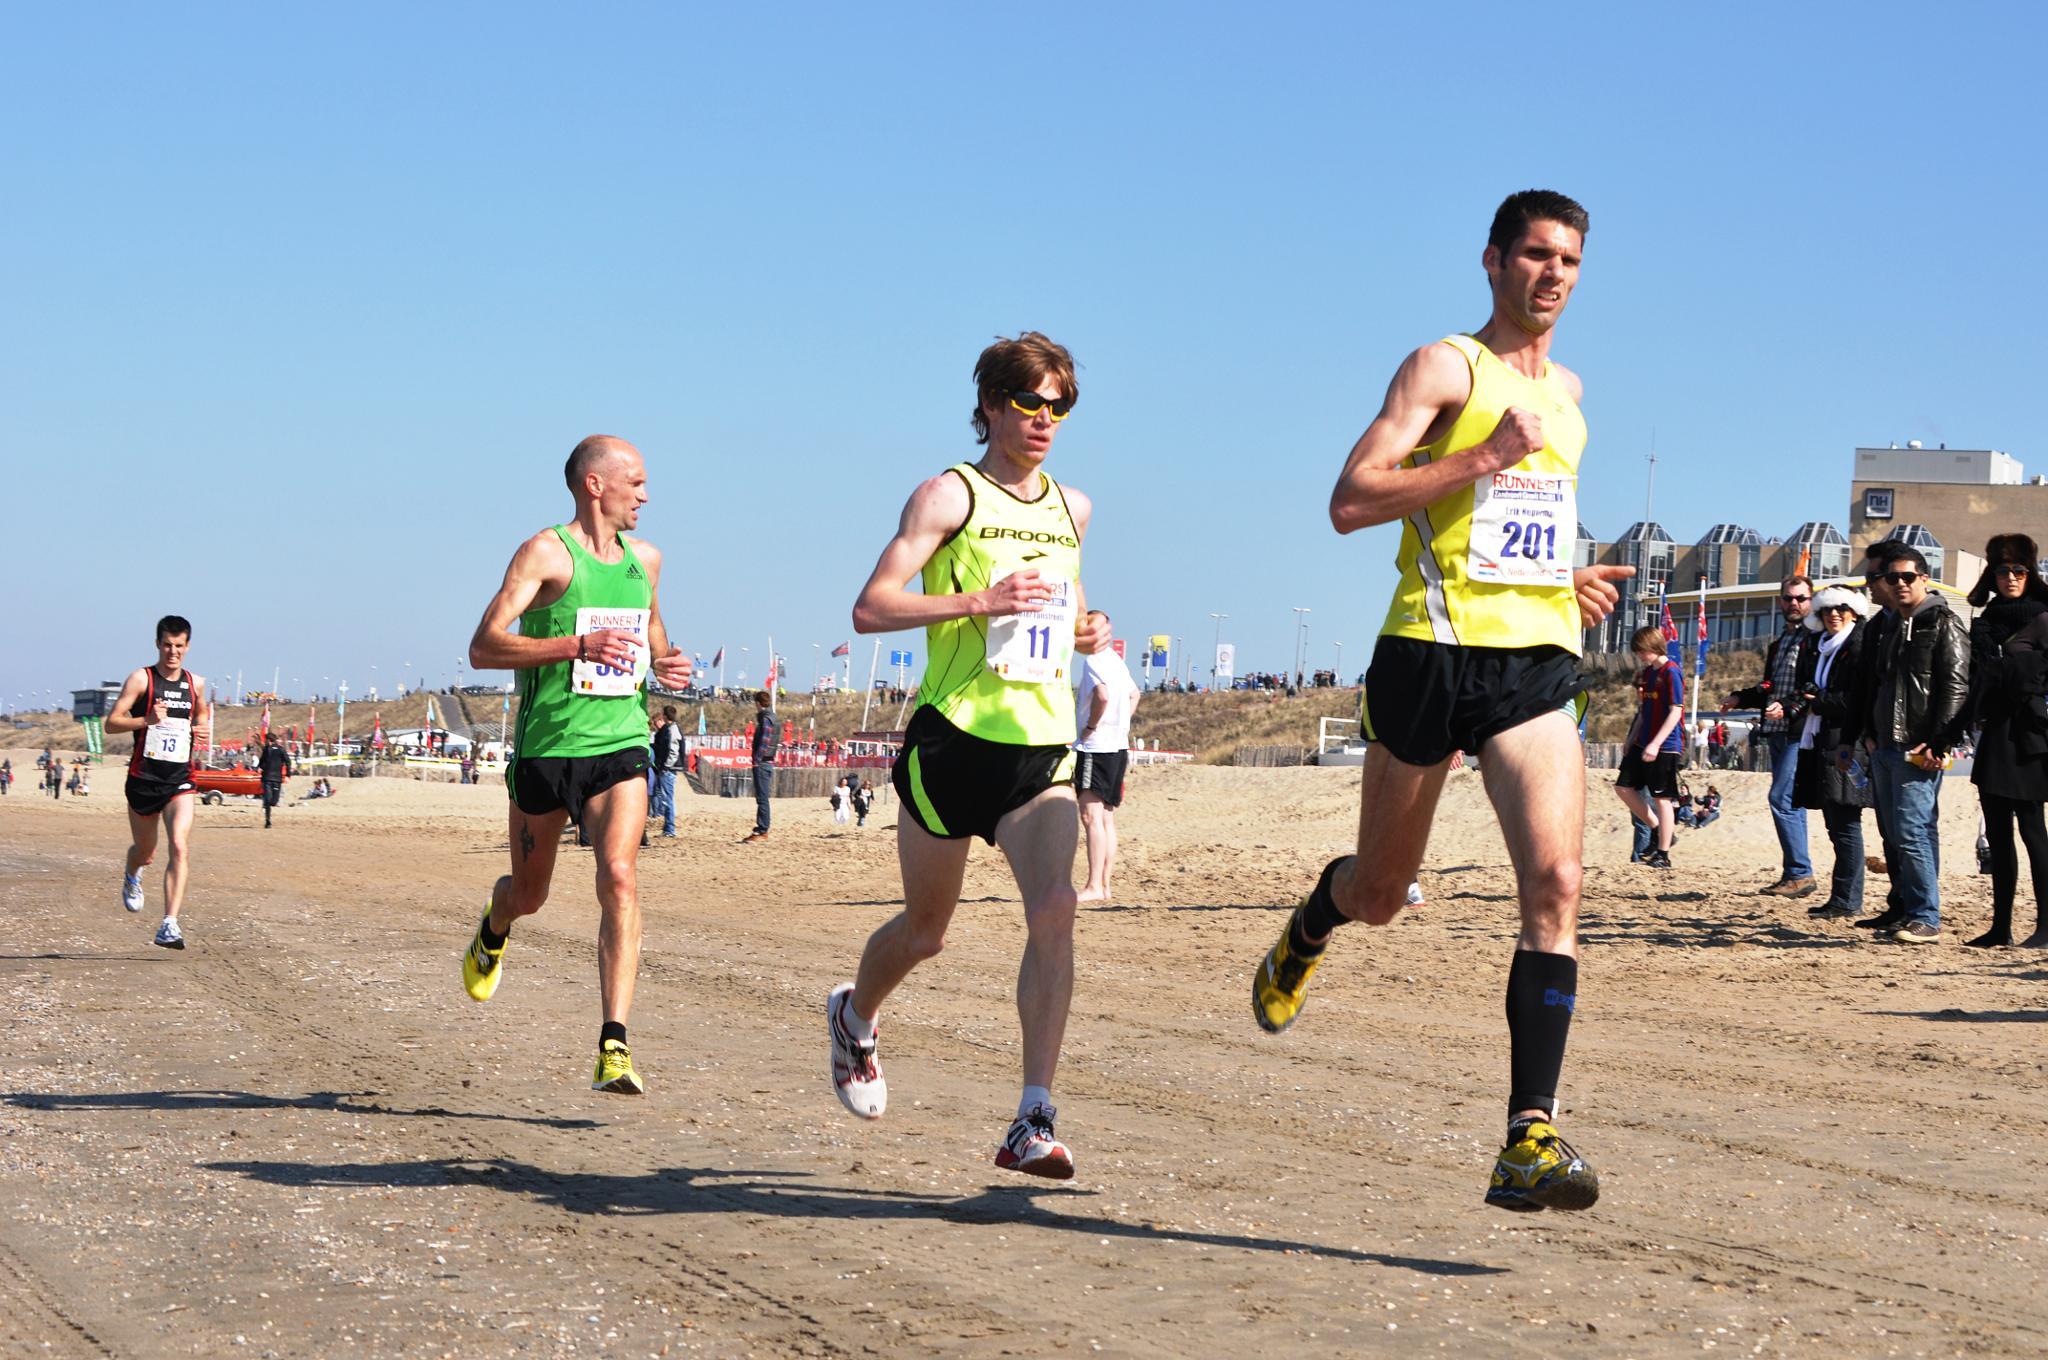 Flying runners by Jeroen van der Mije